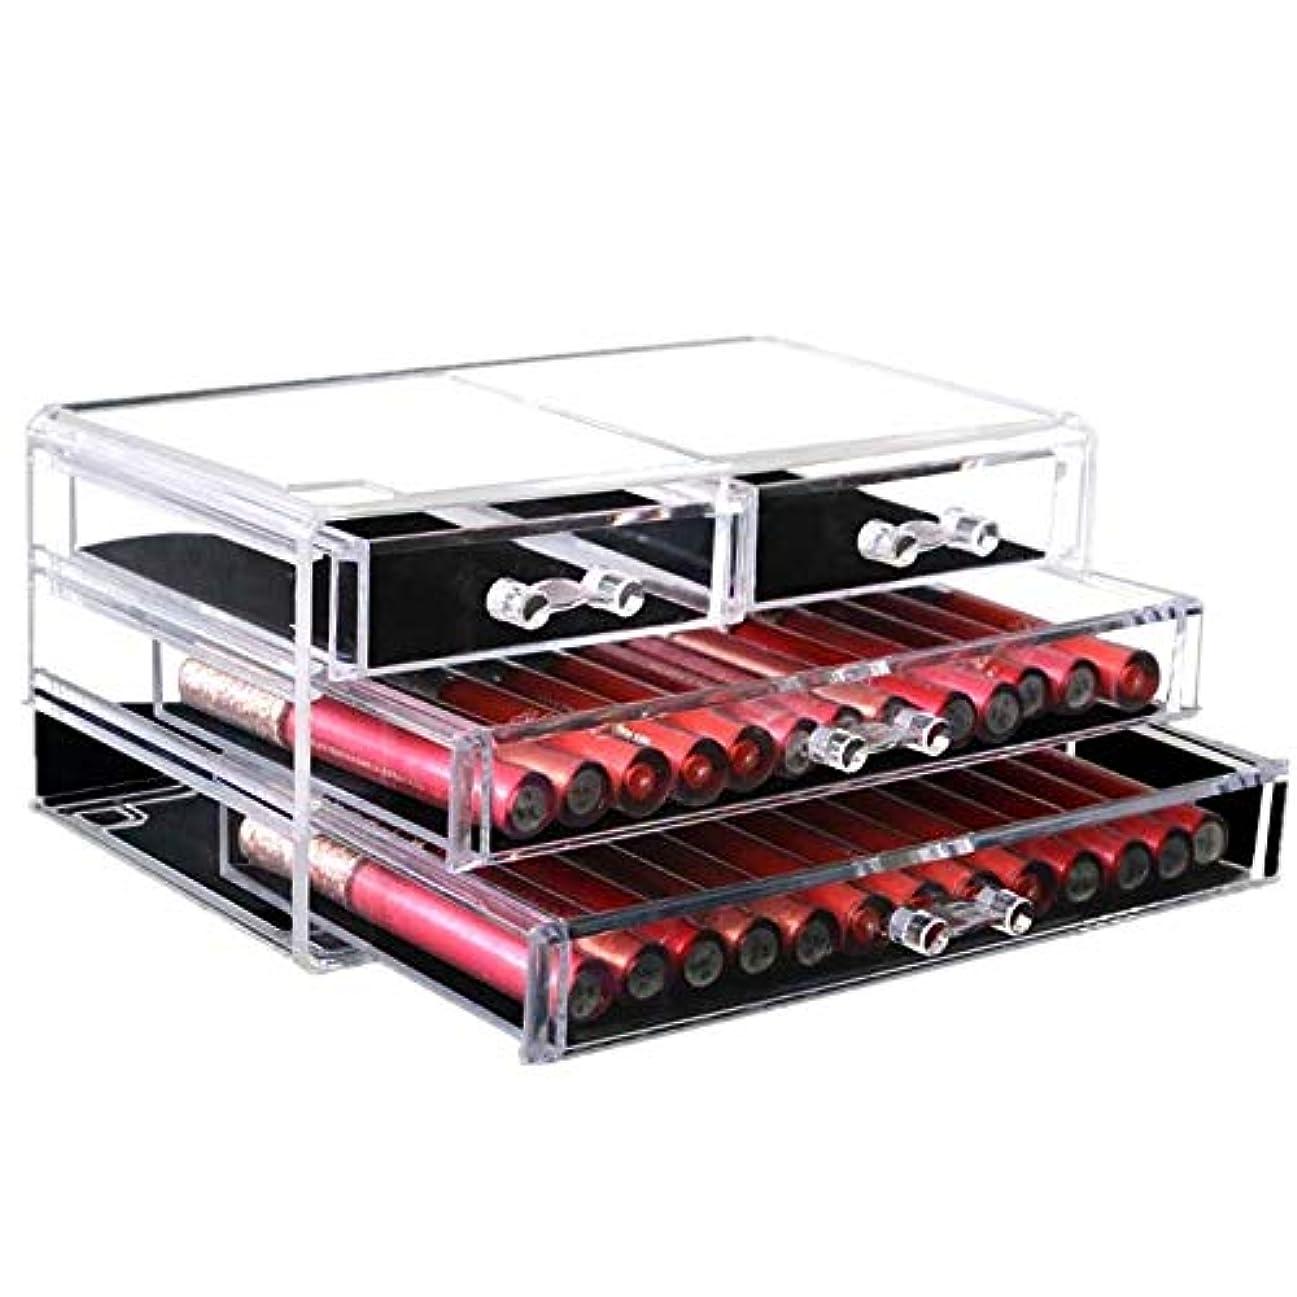 前置詞気づかない横に整理簡単 引出しの構造の宝石類のディスプレイ?ボックスが付いている簡単で明確なアクリルの化粧品のオルガナイザー (Color : Clear, Size : 24*13.5*11CM)